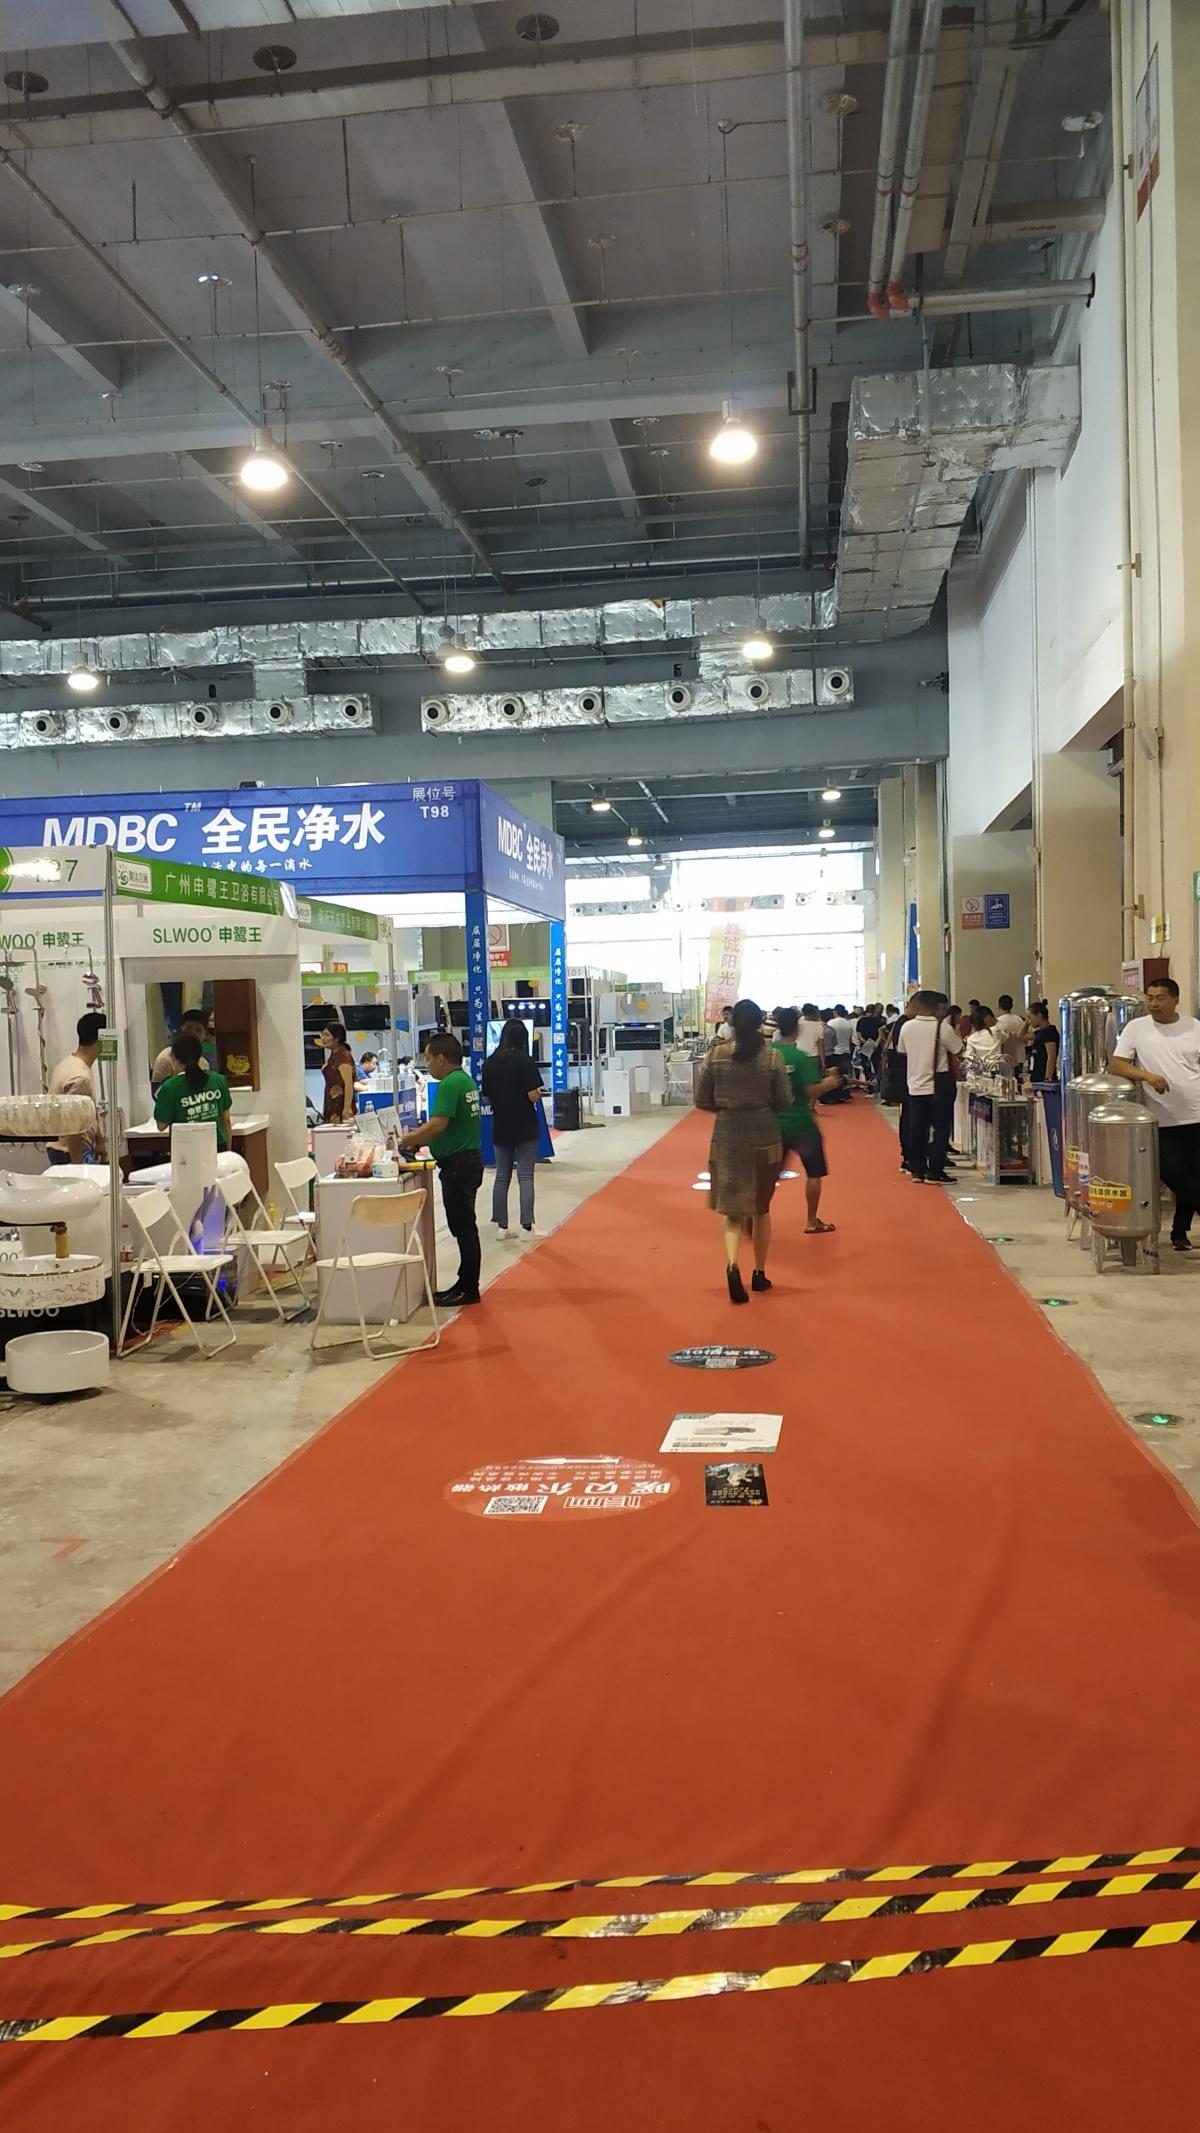 嘉居卫浴中国暖通卫浴博览会完美谢幕&精彩回顾!